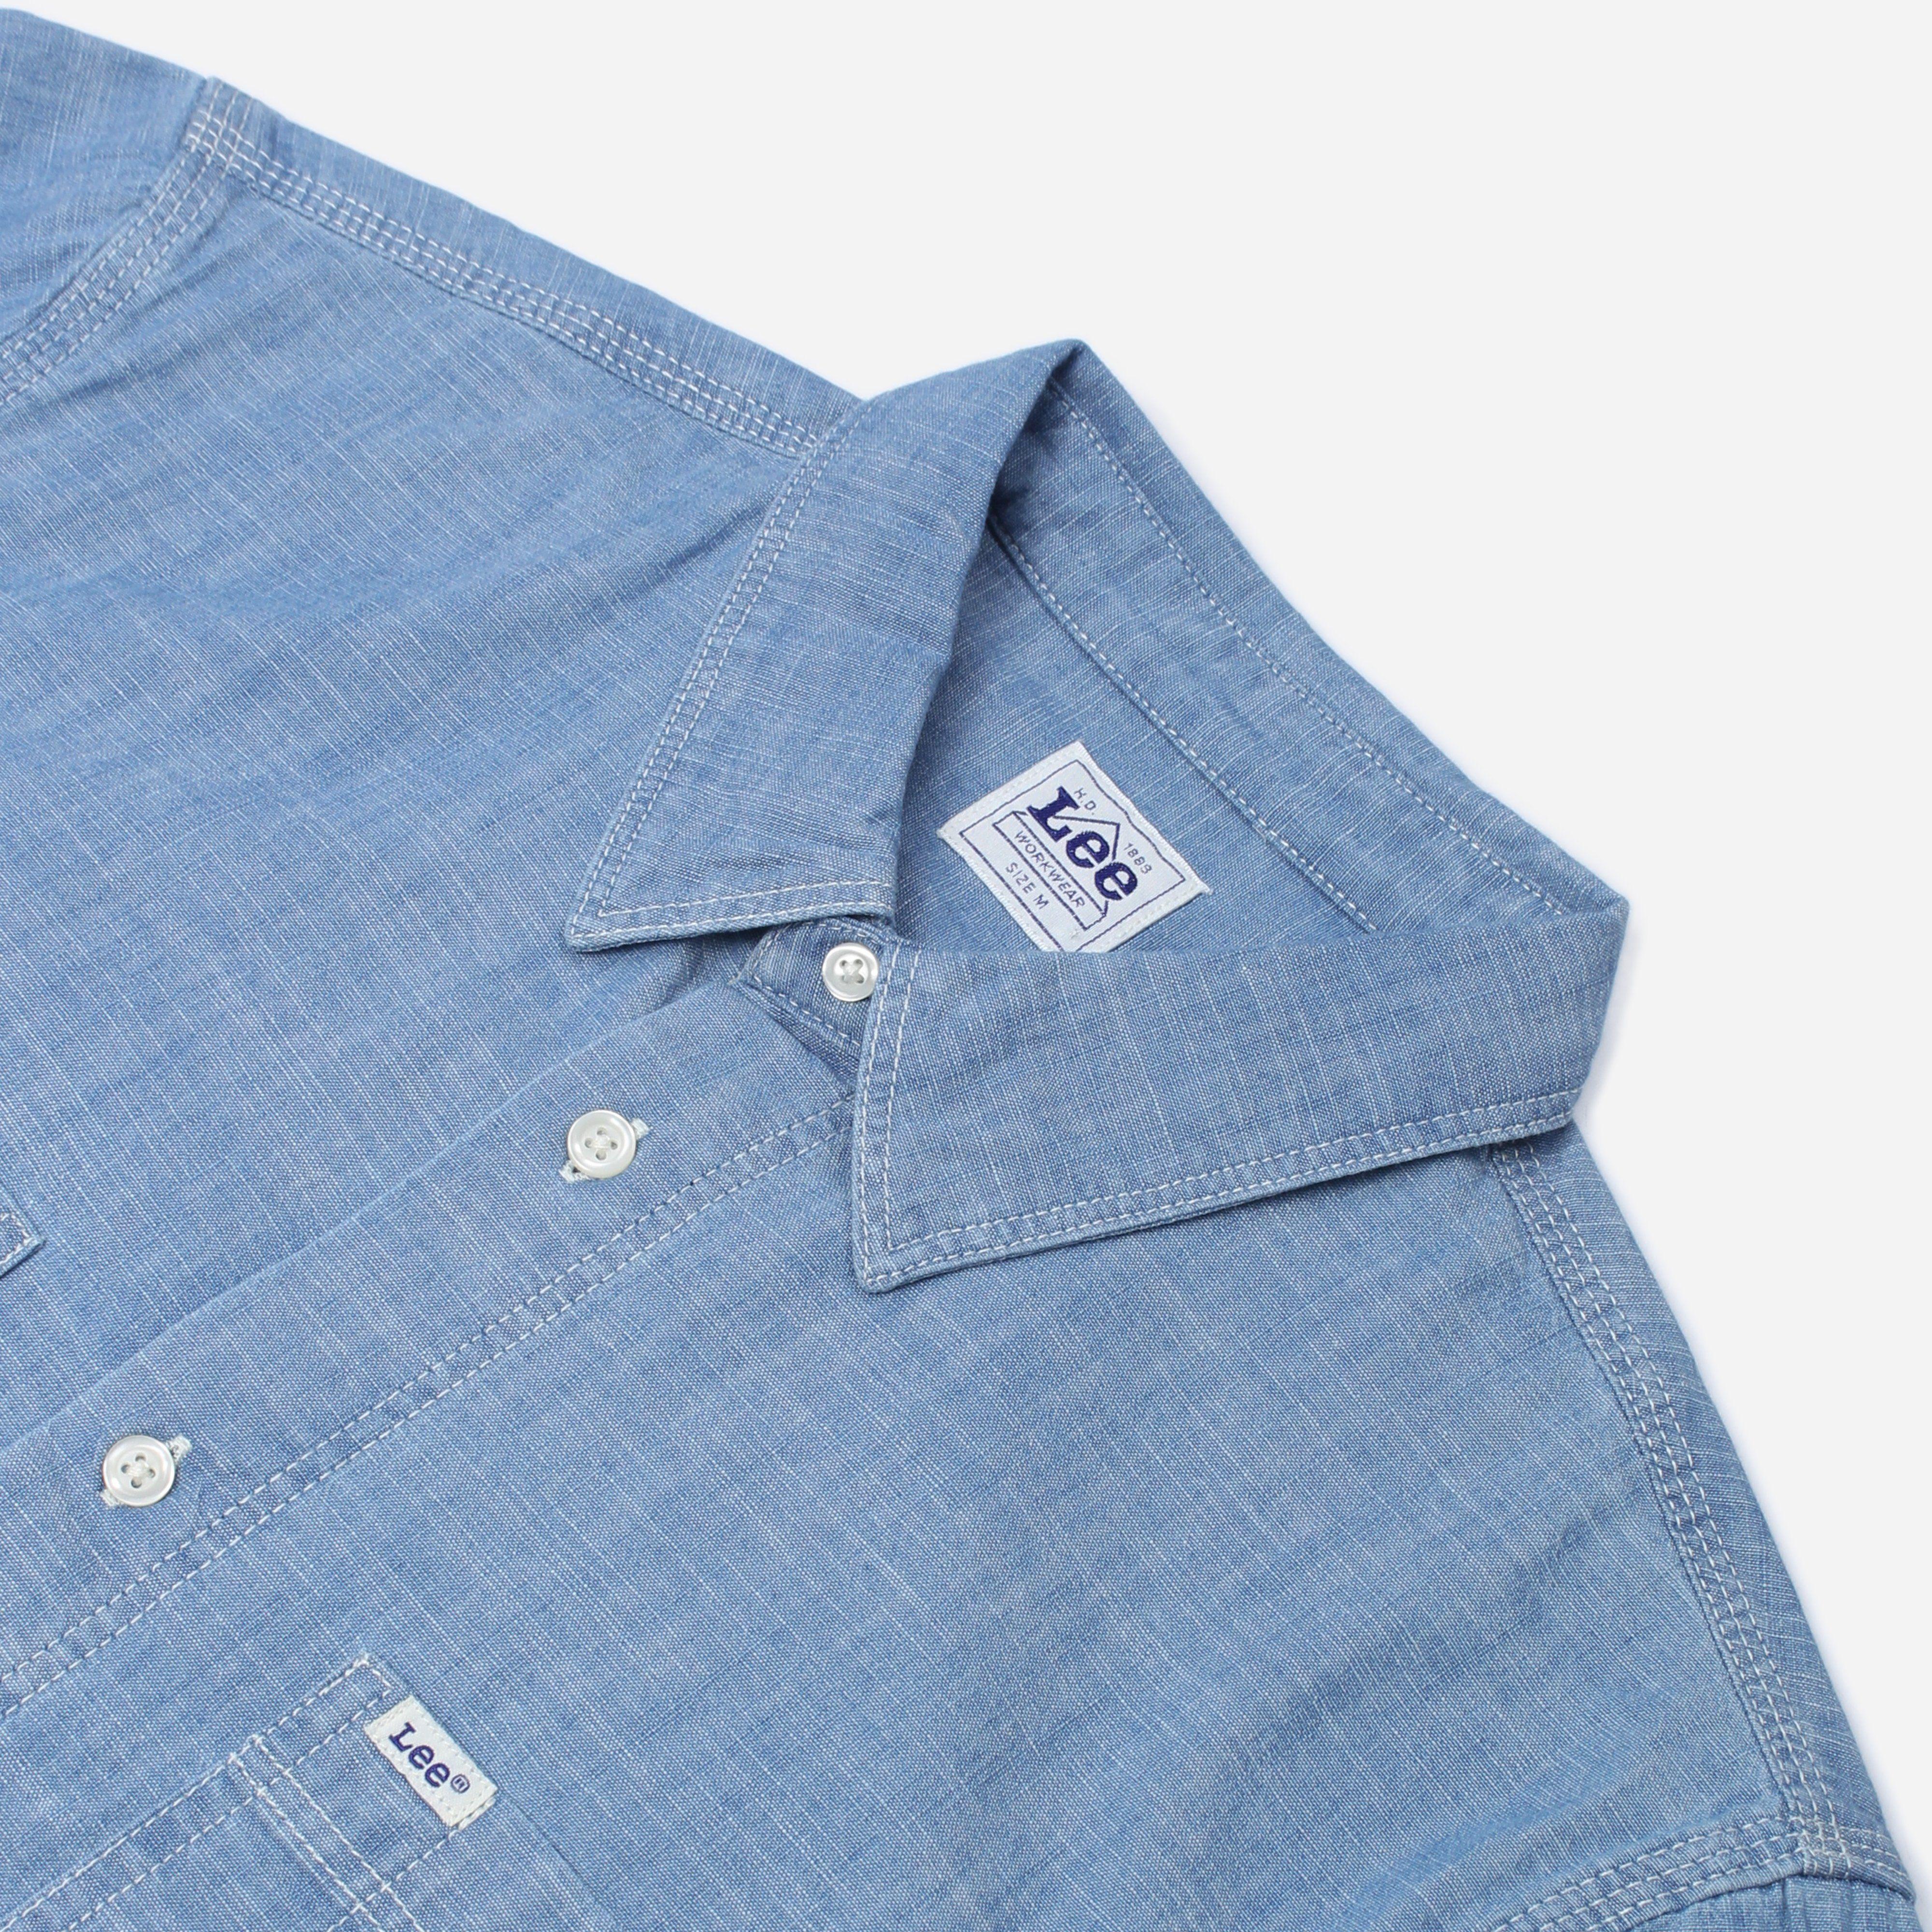 Lee Worker Shirt